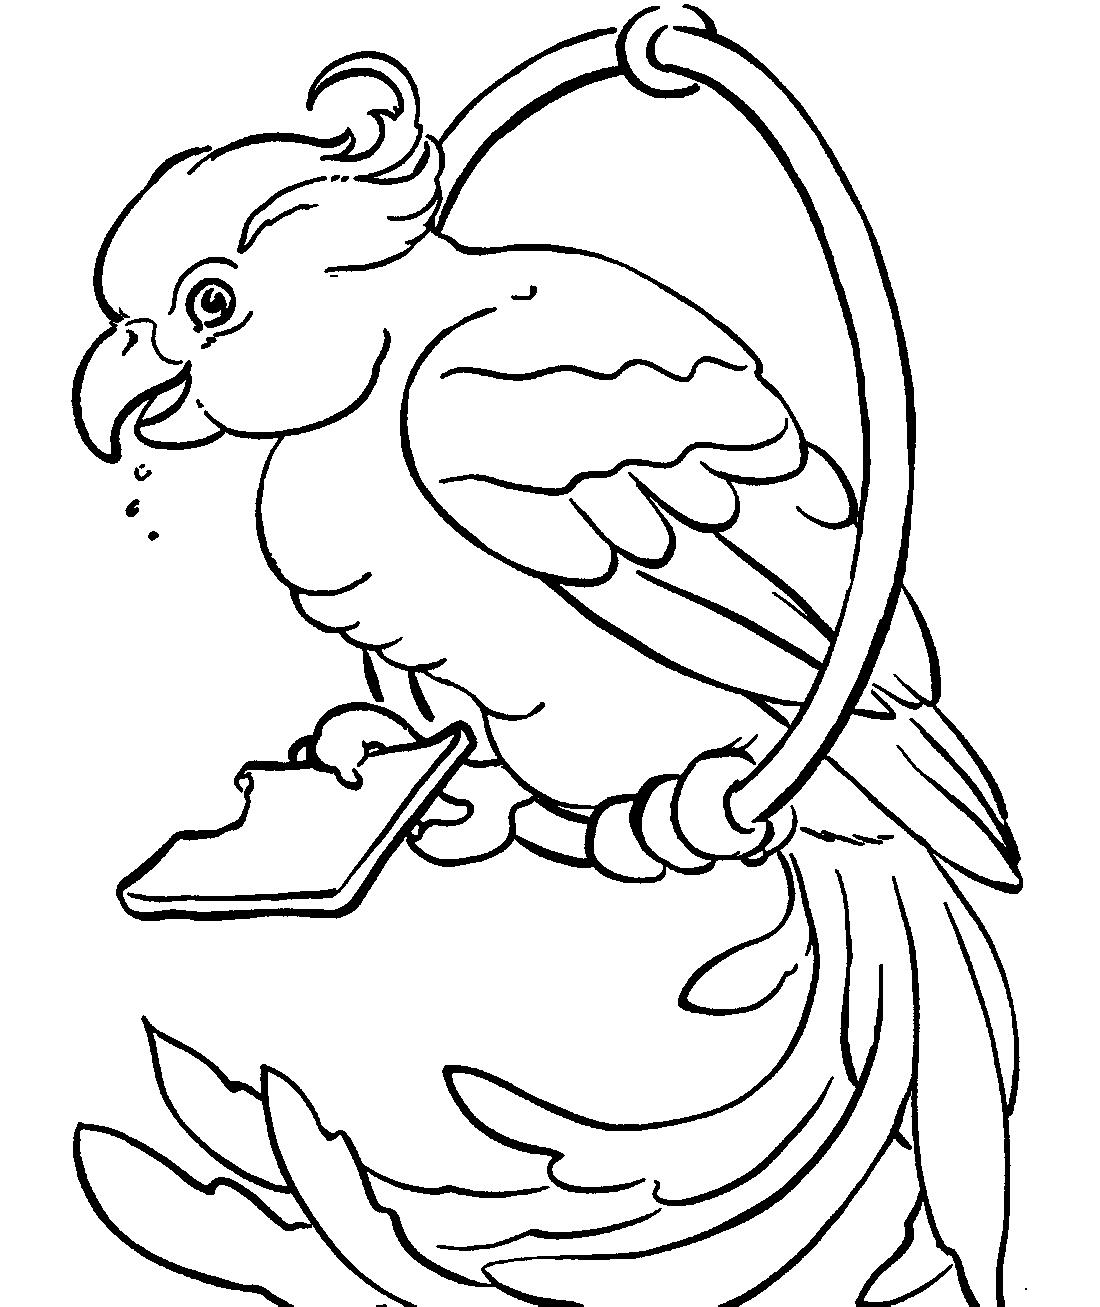 попугай ест печенье раскраска 3044 Printonic Ru